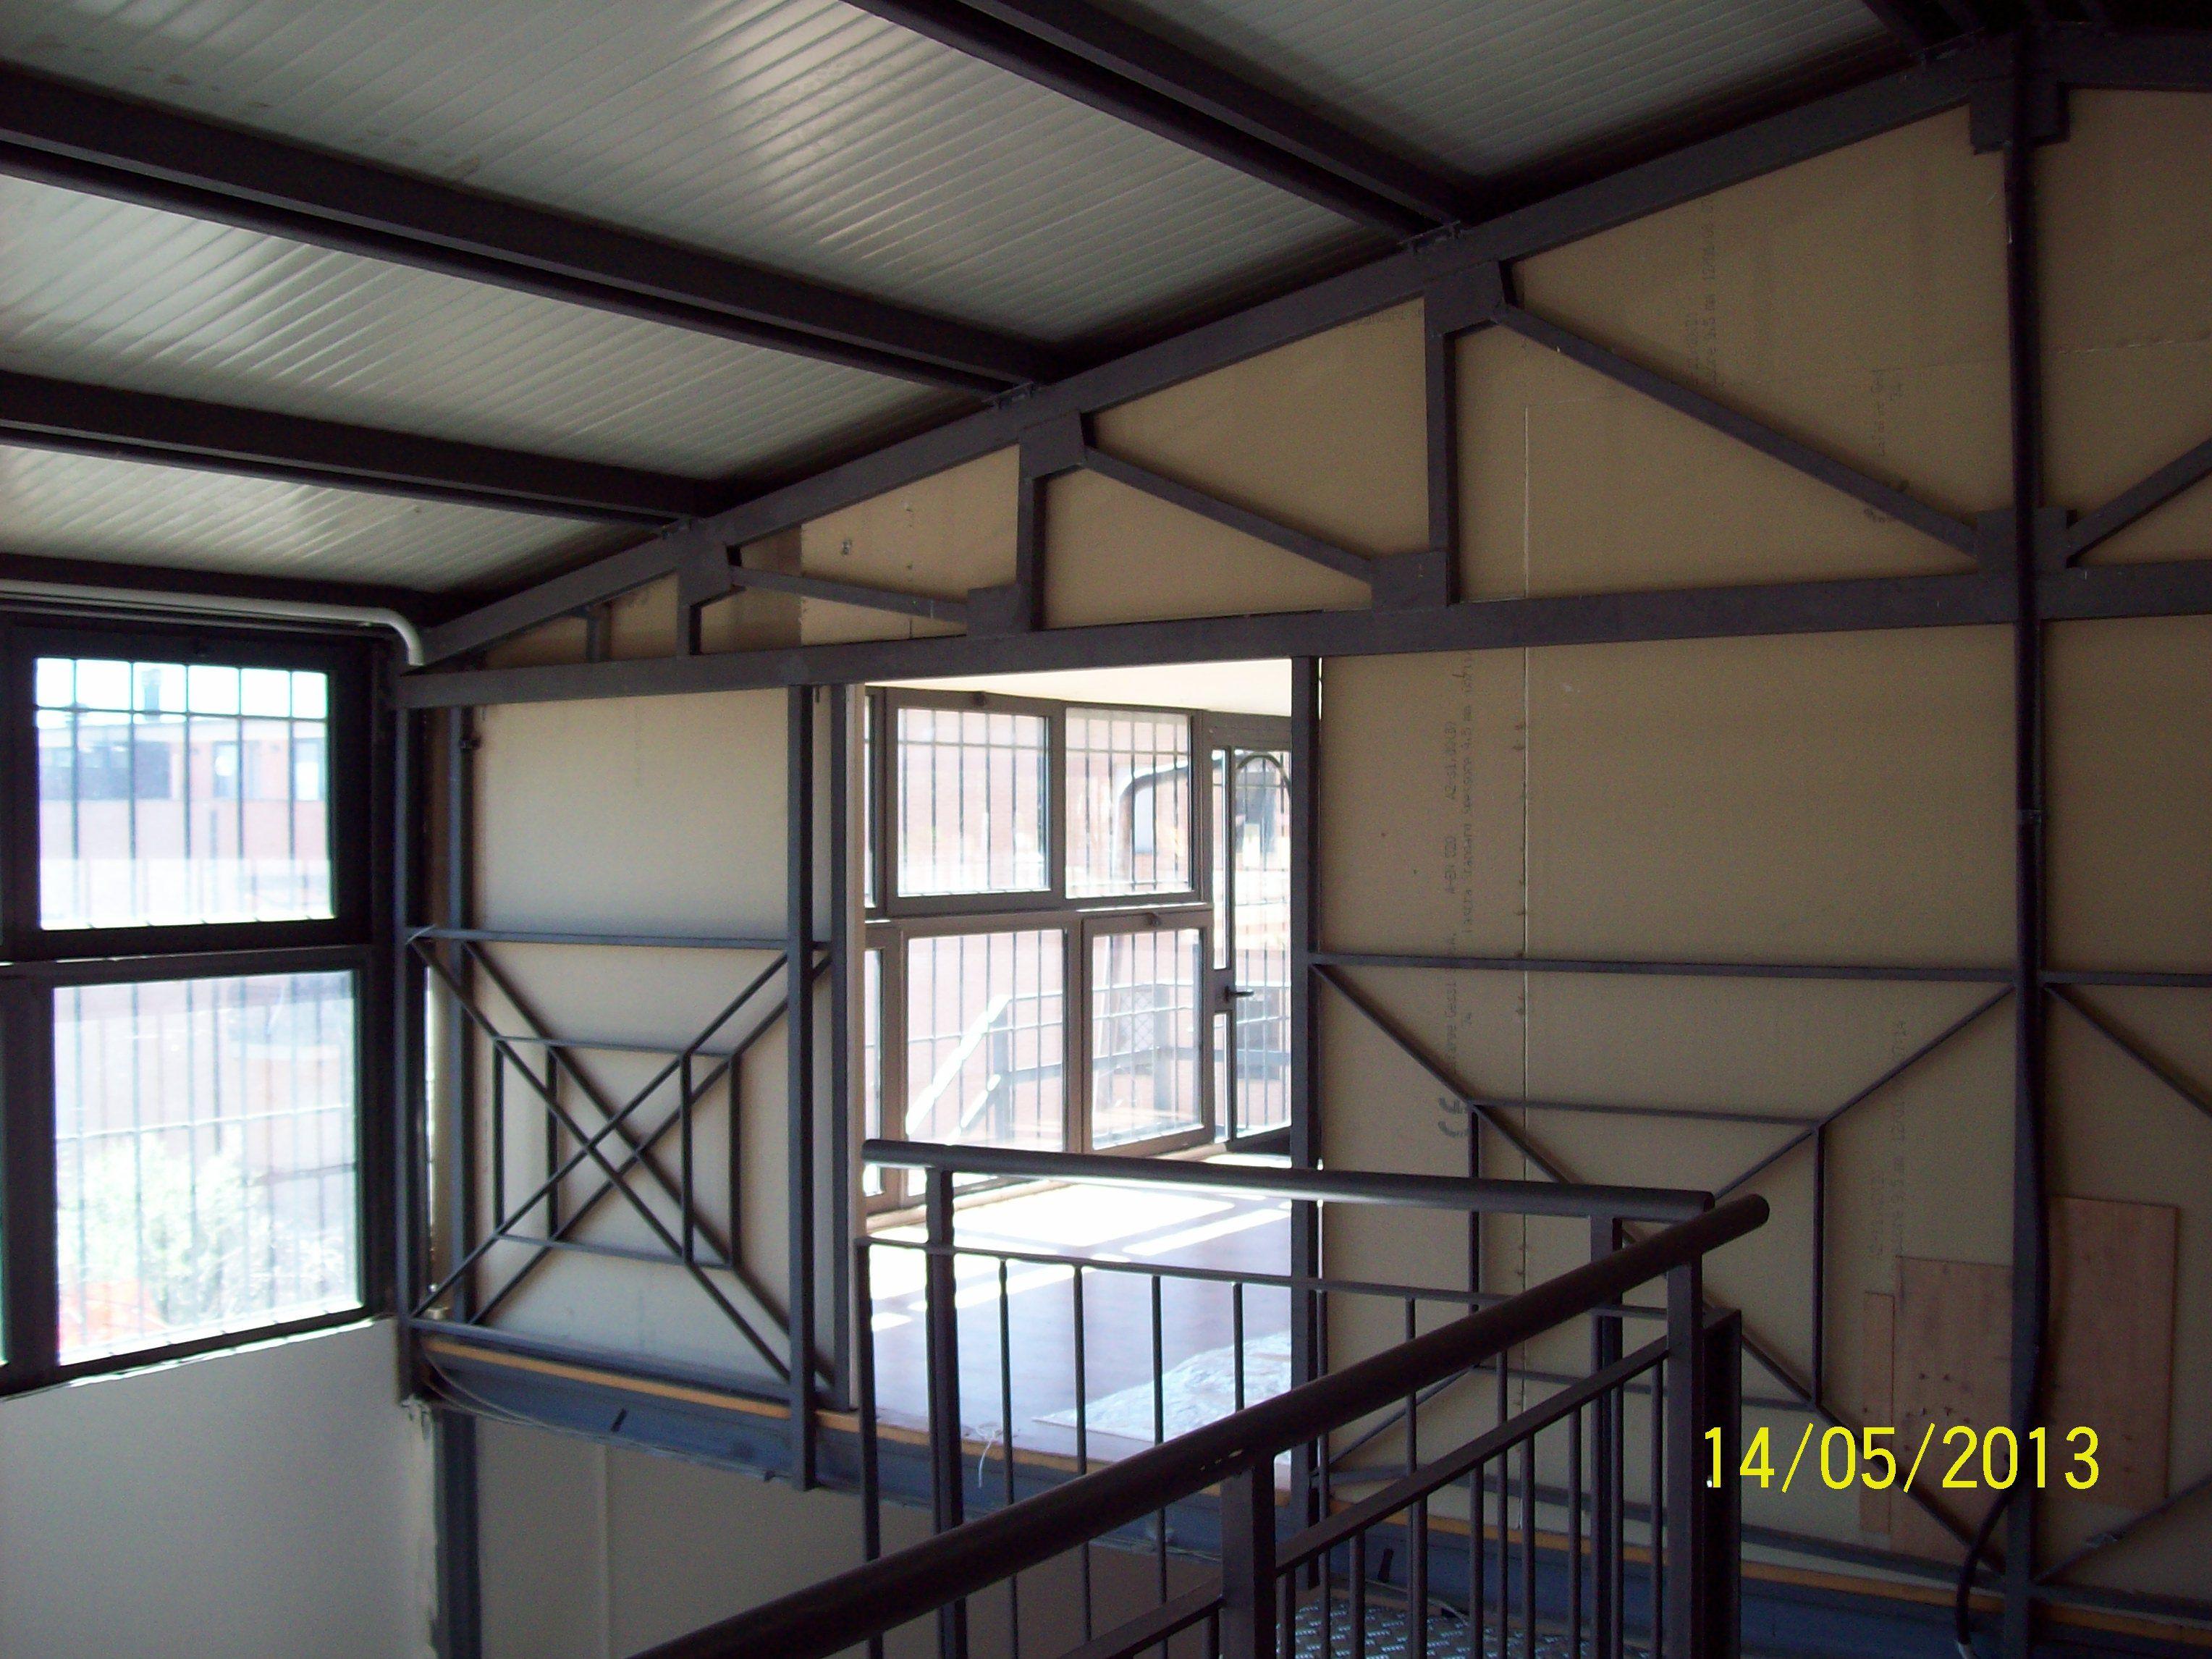 loft capriate in tubolare a sostegno tetto coibentato in